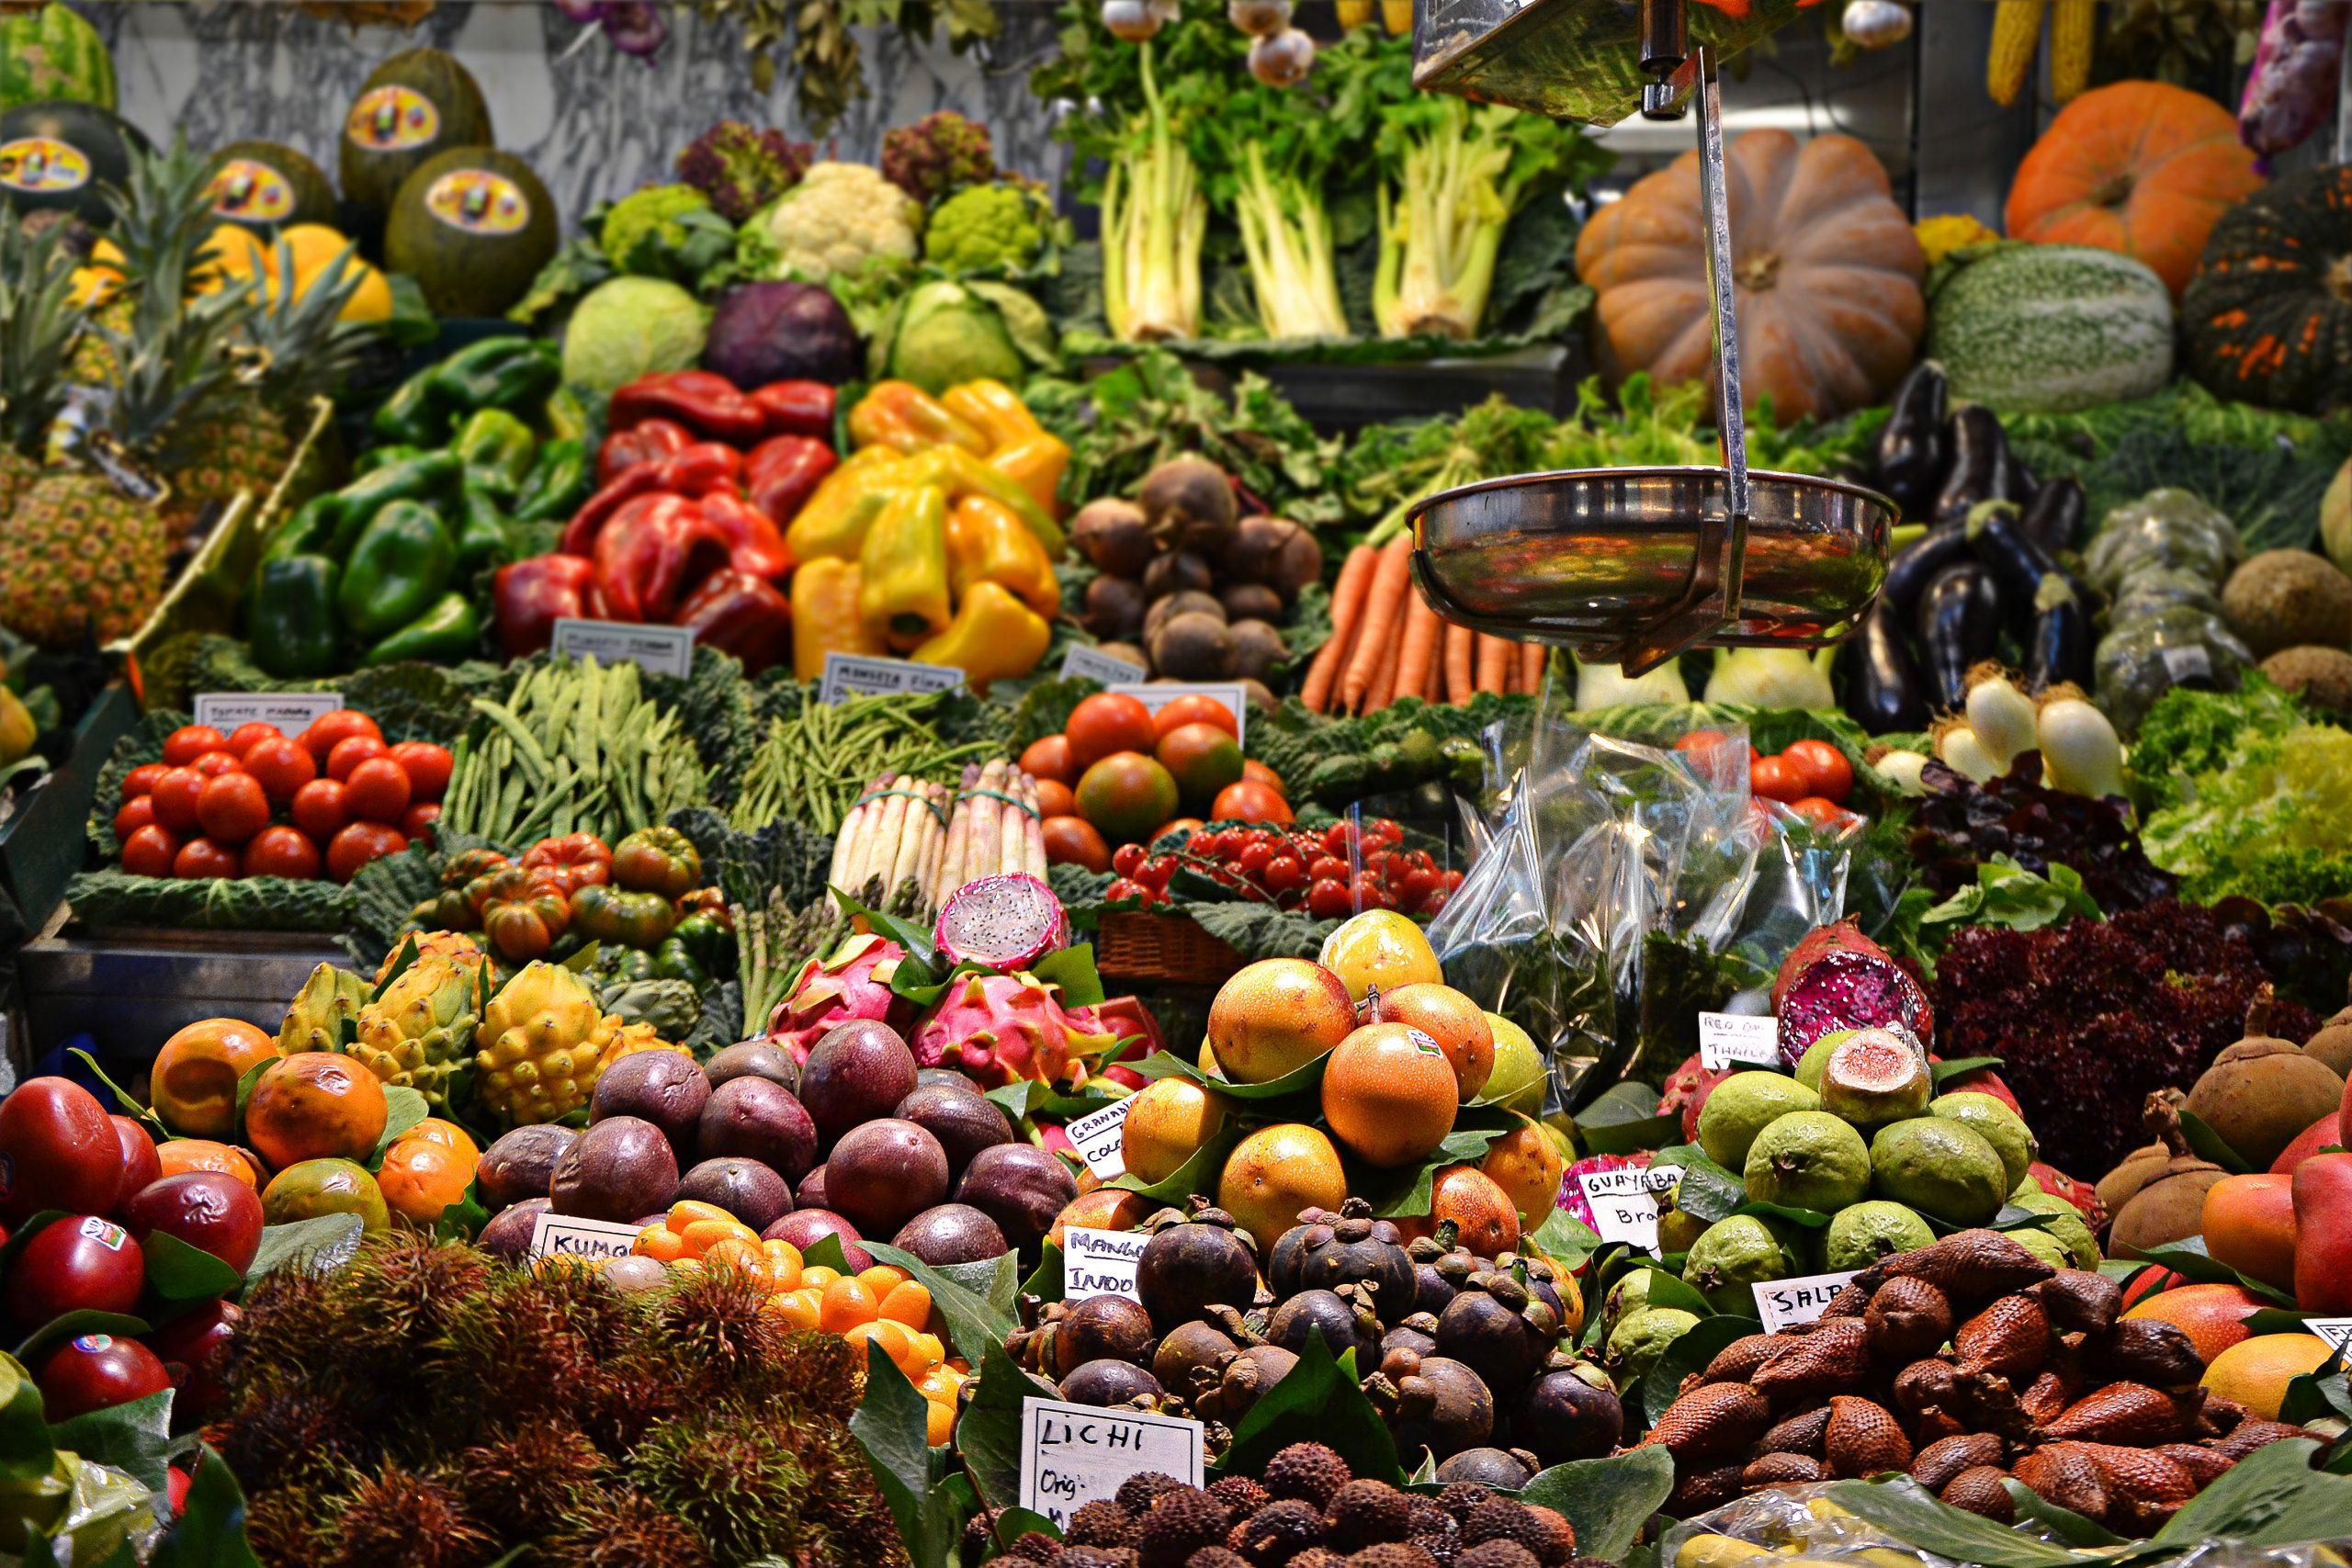 kost som är rik på fibrer, mineraler och antioxidanter